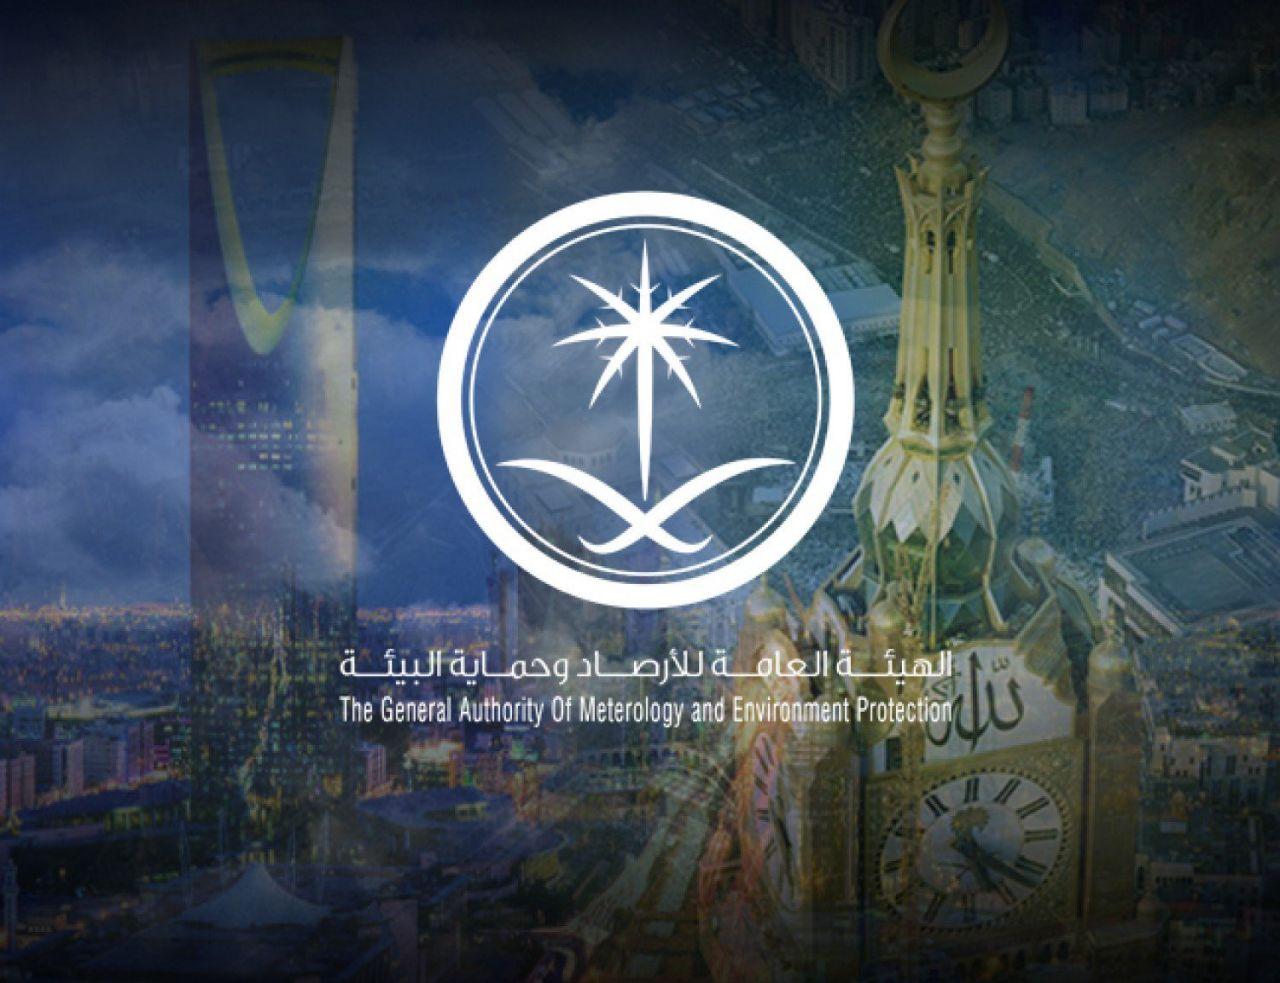 أمطار رعدية و سماء غائمة على مناطق المملكة اليوم السبت .. تعرف على المناطق